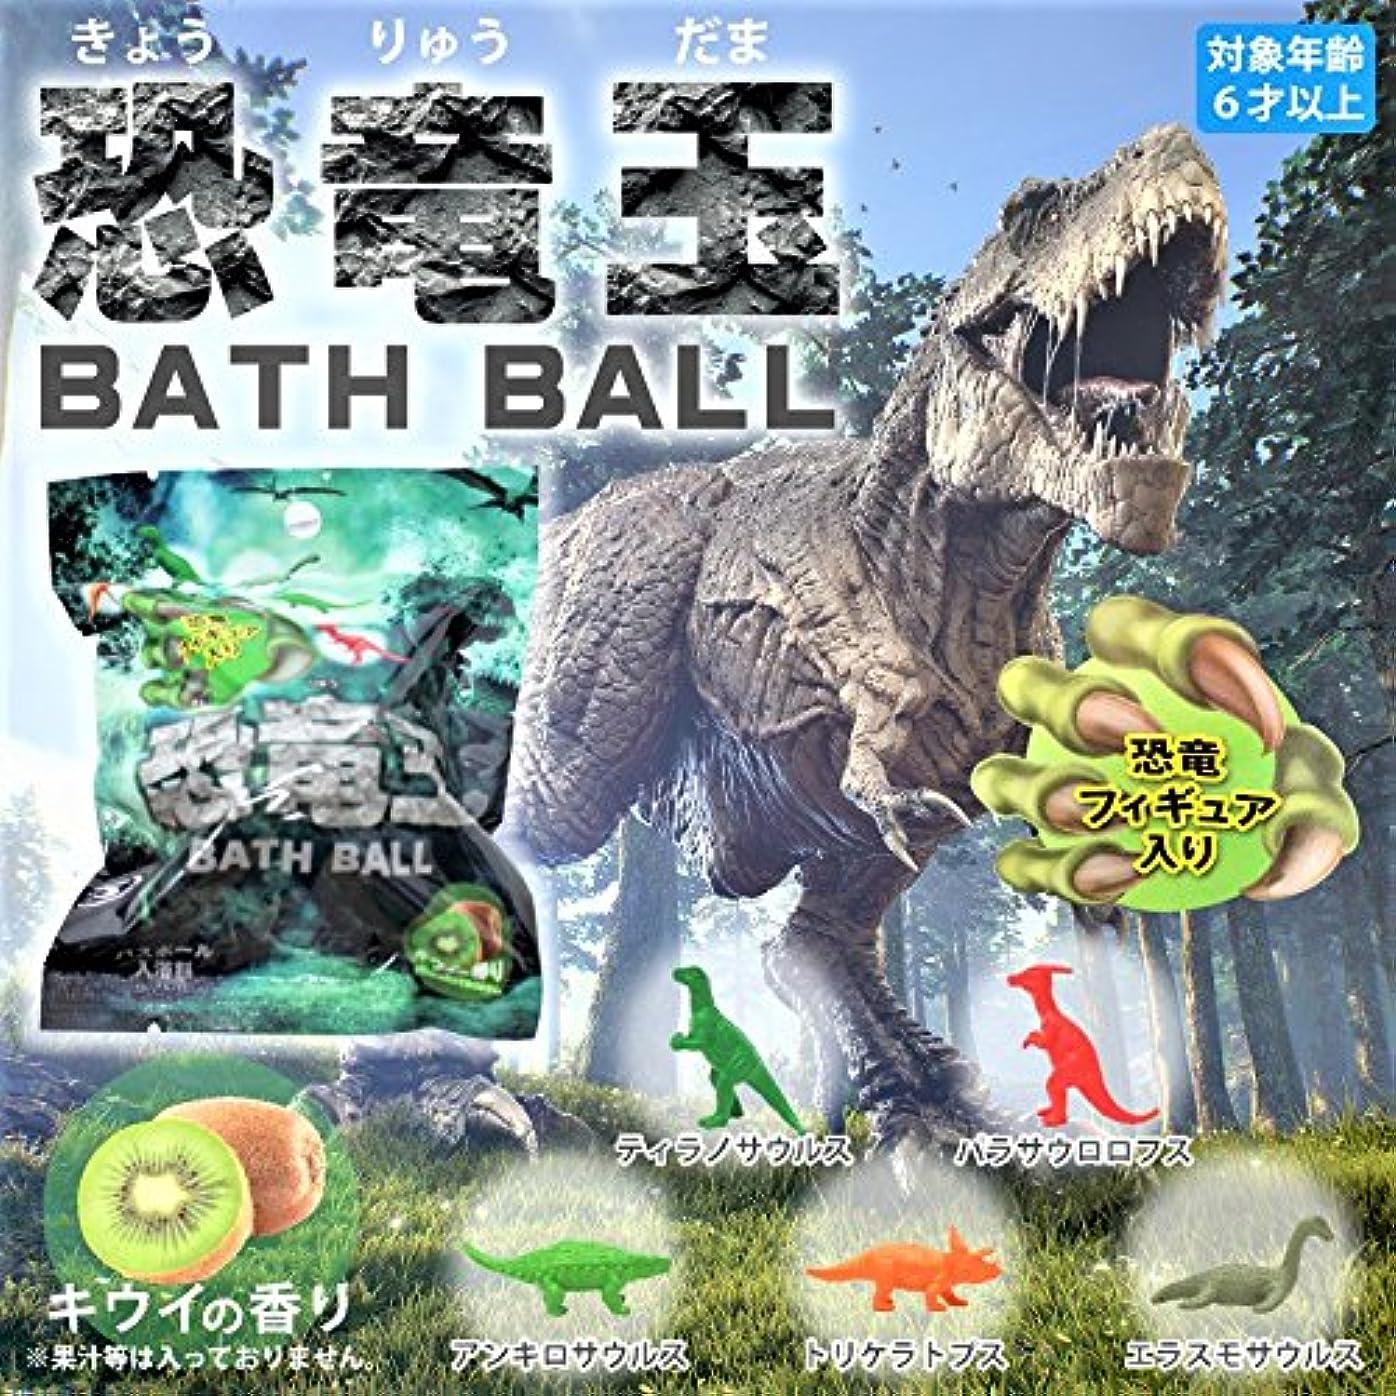 気をつけて模索気づくなる恐竜玉バスボール 6個1セット キウイの香り 恐竜フィギュア入りバスボール 入浴剤